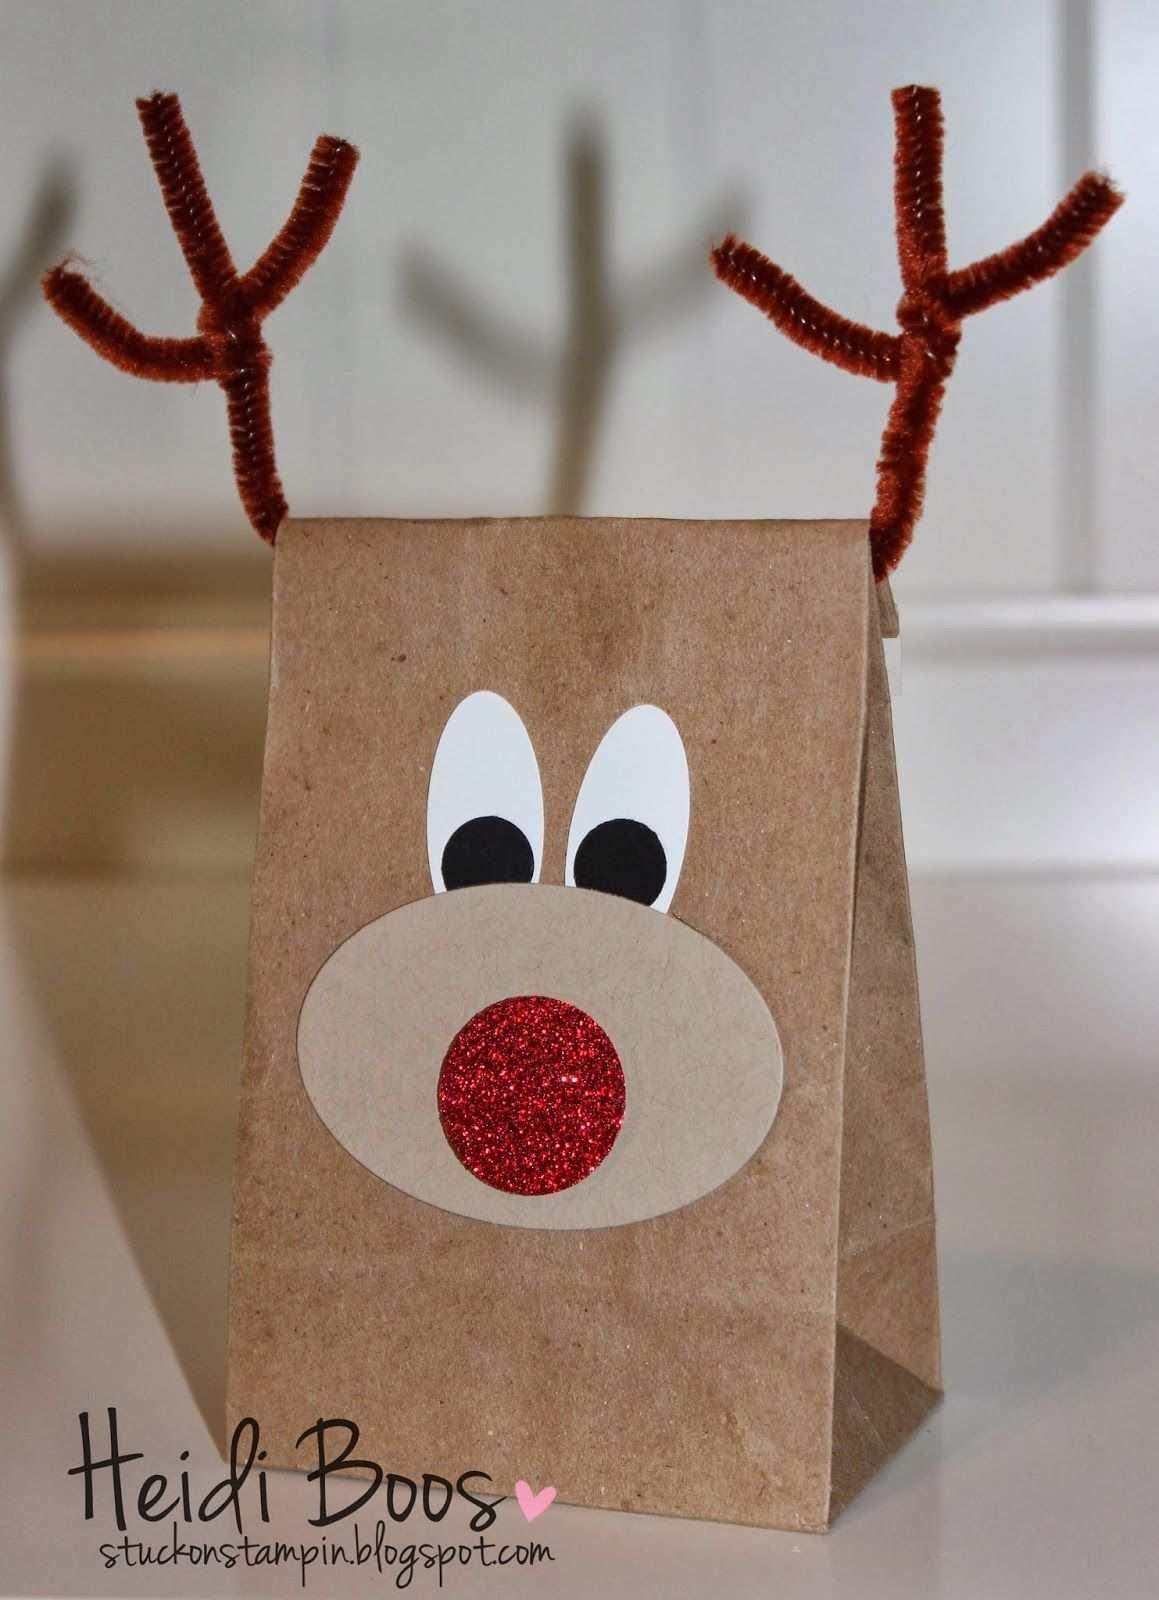 Http 1 Bp Blogspot Com Baogup8nxfm Up7ekkwgnoi Aaaaaaaauzy Qtjpdizgga0 S1600 Img 4405 Jpg From Hei Basteln Weihnachten Adventkalender Basteln Adventkalender